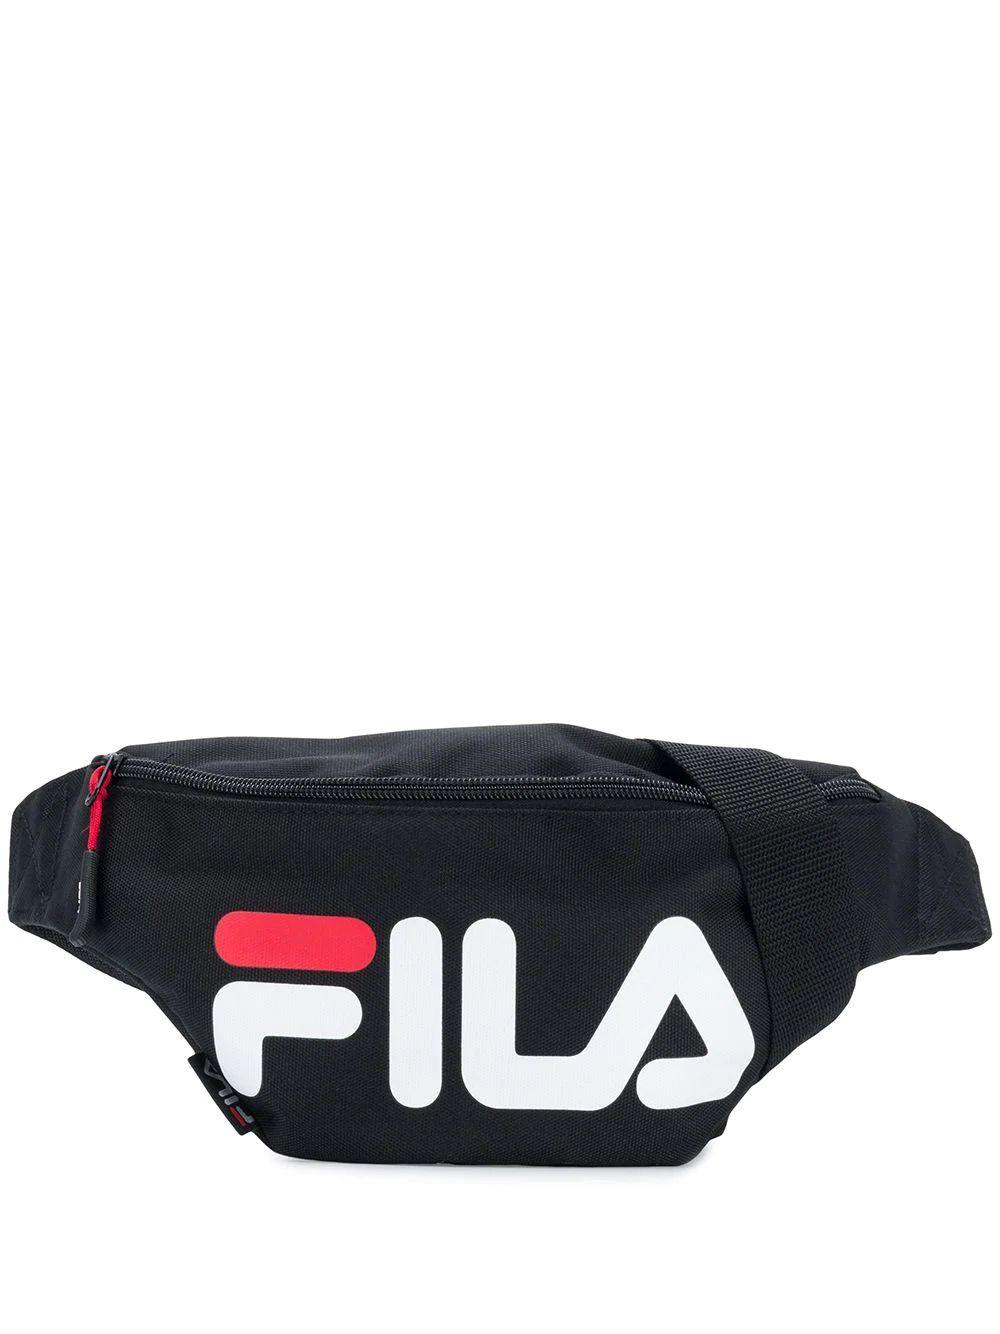 FILA  WOMEN'S 685003002 BLACK POLYESTER BELT BAG